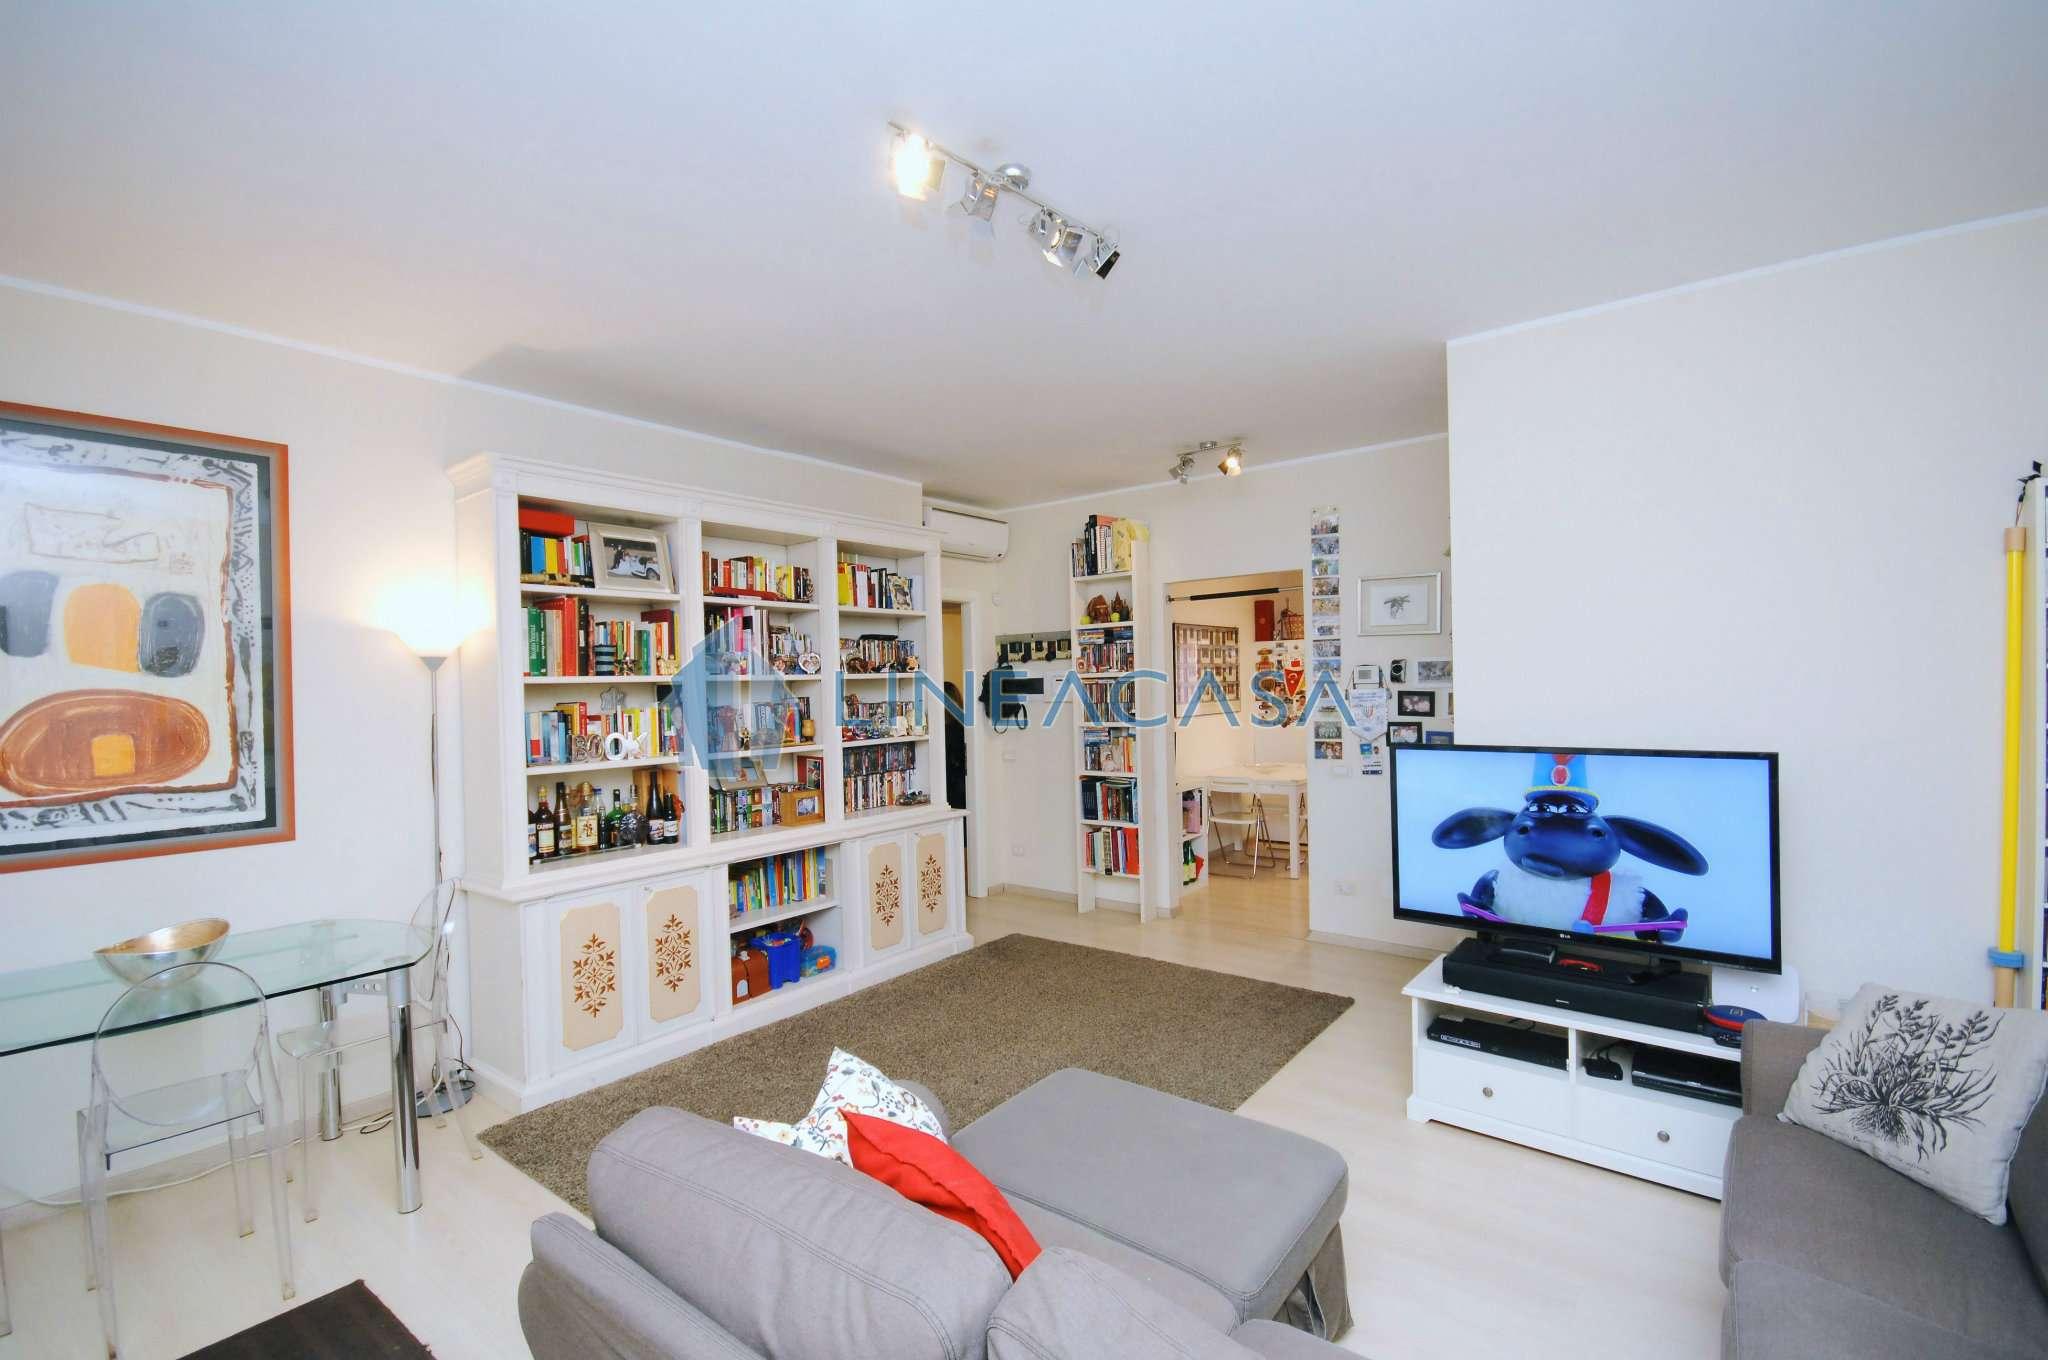 Appartamento in vendita a Buccinasco, 3 locali, prezzo € 345.000 | Cambio Casa.it